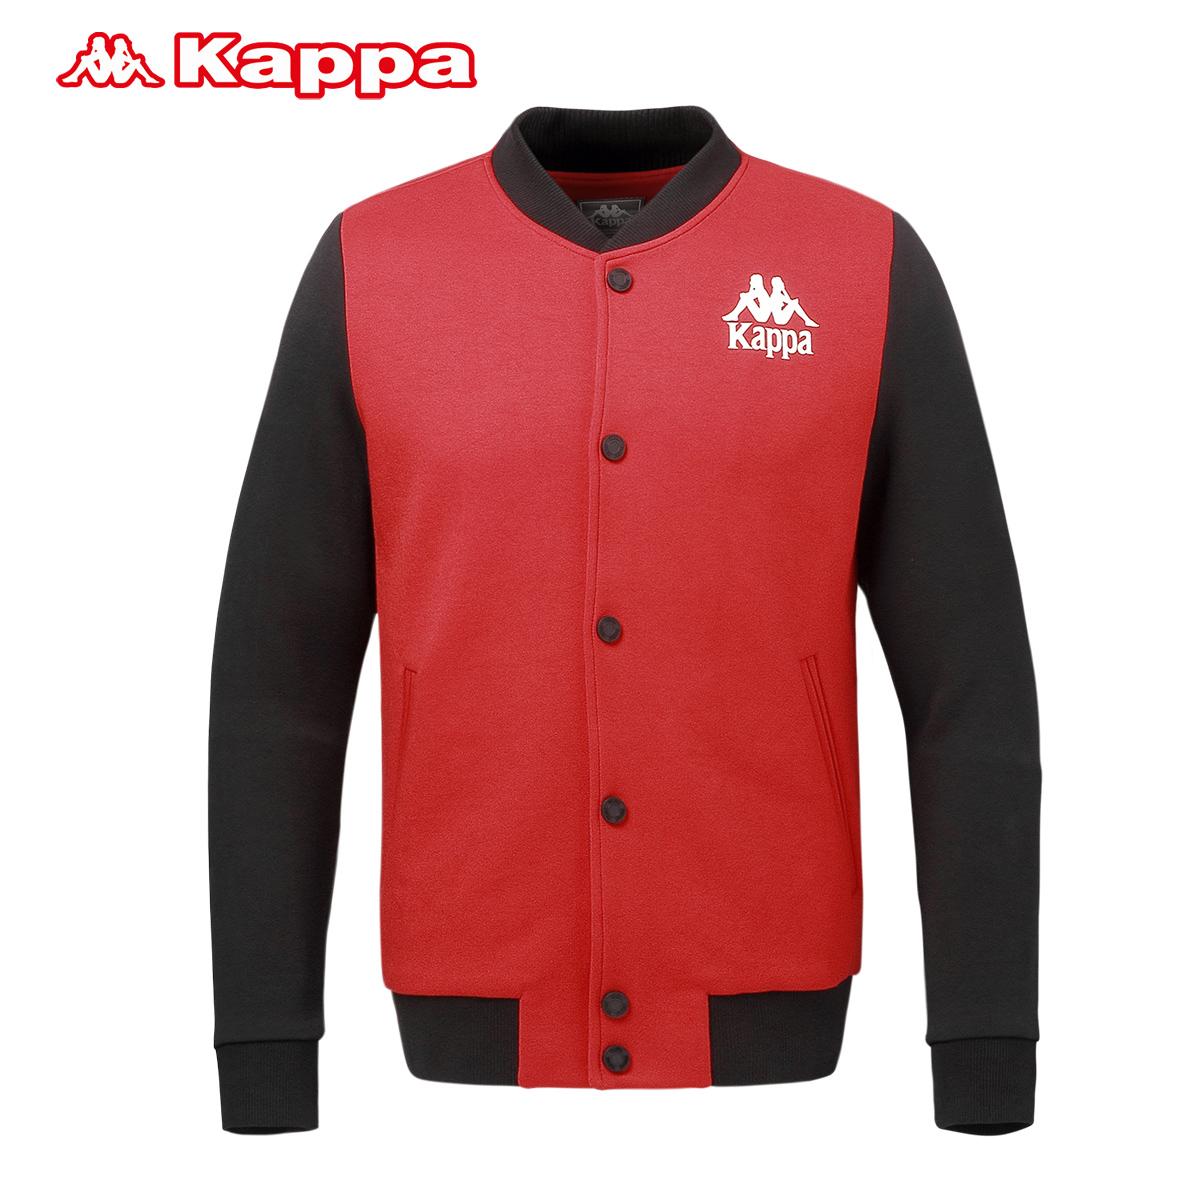 掌柜推荐Kappa/背靠背男卫衣休闲运动外套针织棒球服|K0612WK18